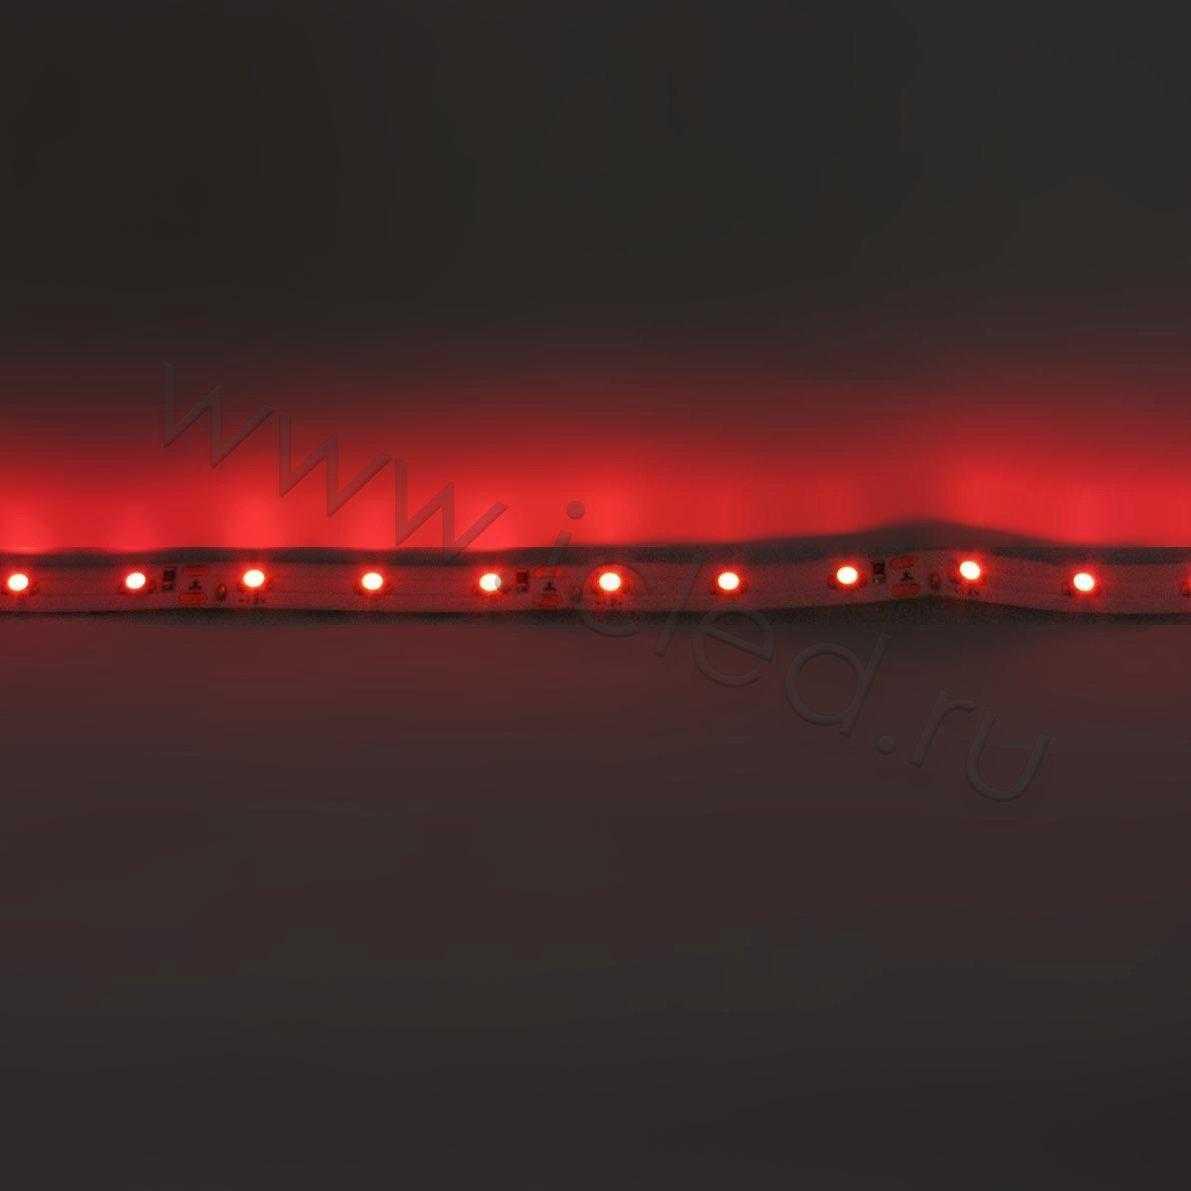 Светодиодная лента Econom class, 3528, 60led/m, Red, 12V, IP33